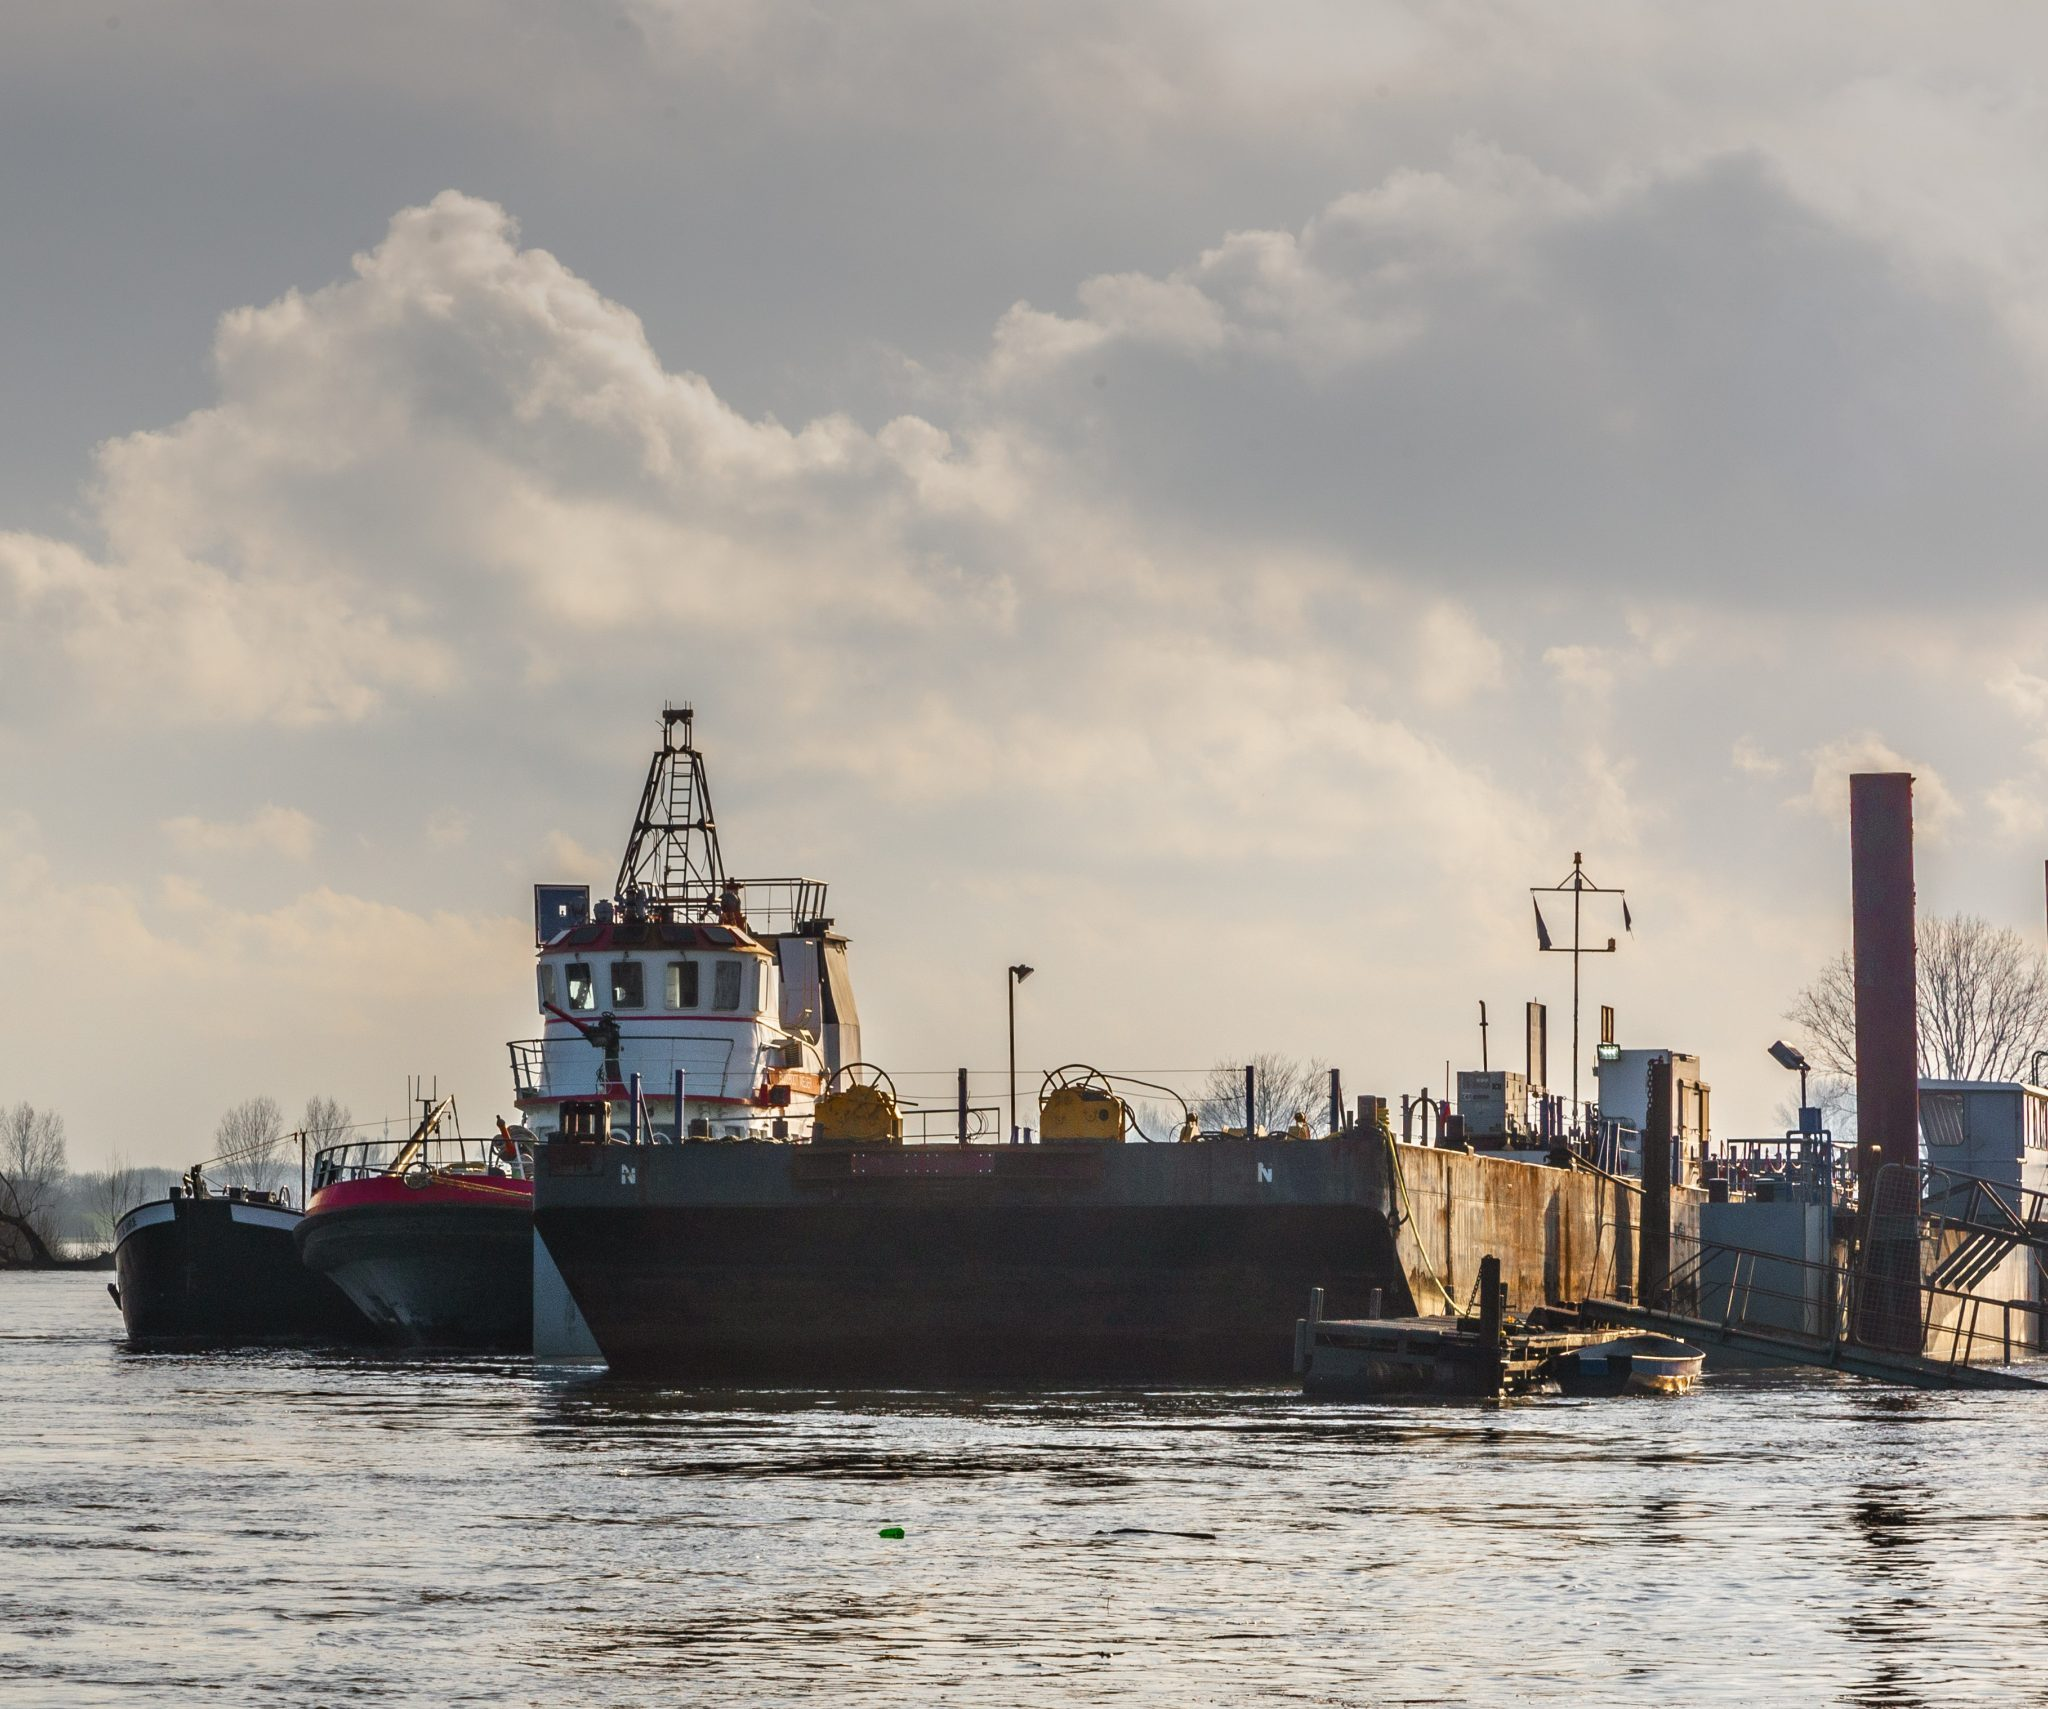 BOO2106-Scheepswerf-Heerewaarden-droogdok-en-blusboot-4-feb-2021-Foto-Bart-Oosterveld-scaled